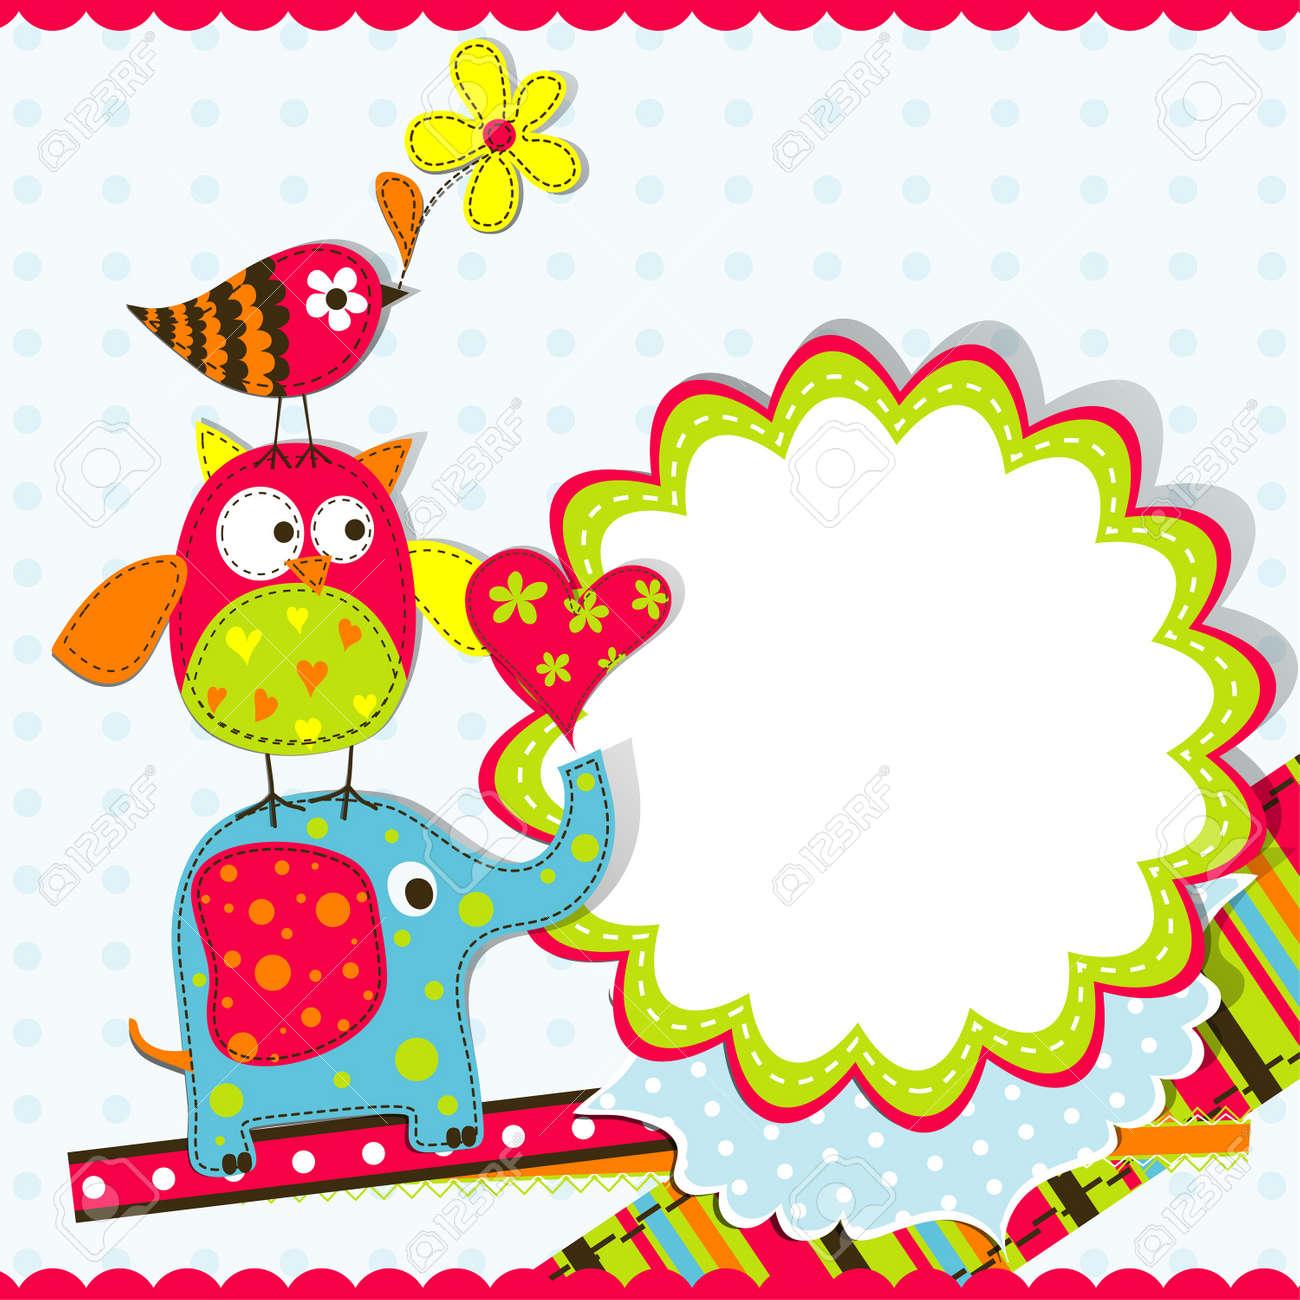 template greeting card vector scrap illustration royalty free  - template greeting card vector scrap illustration stock vector